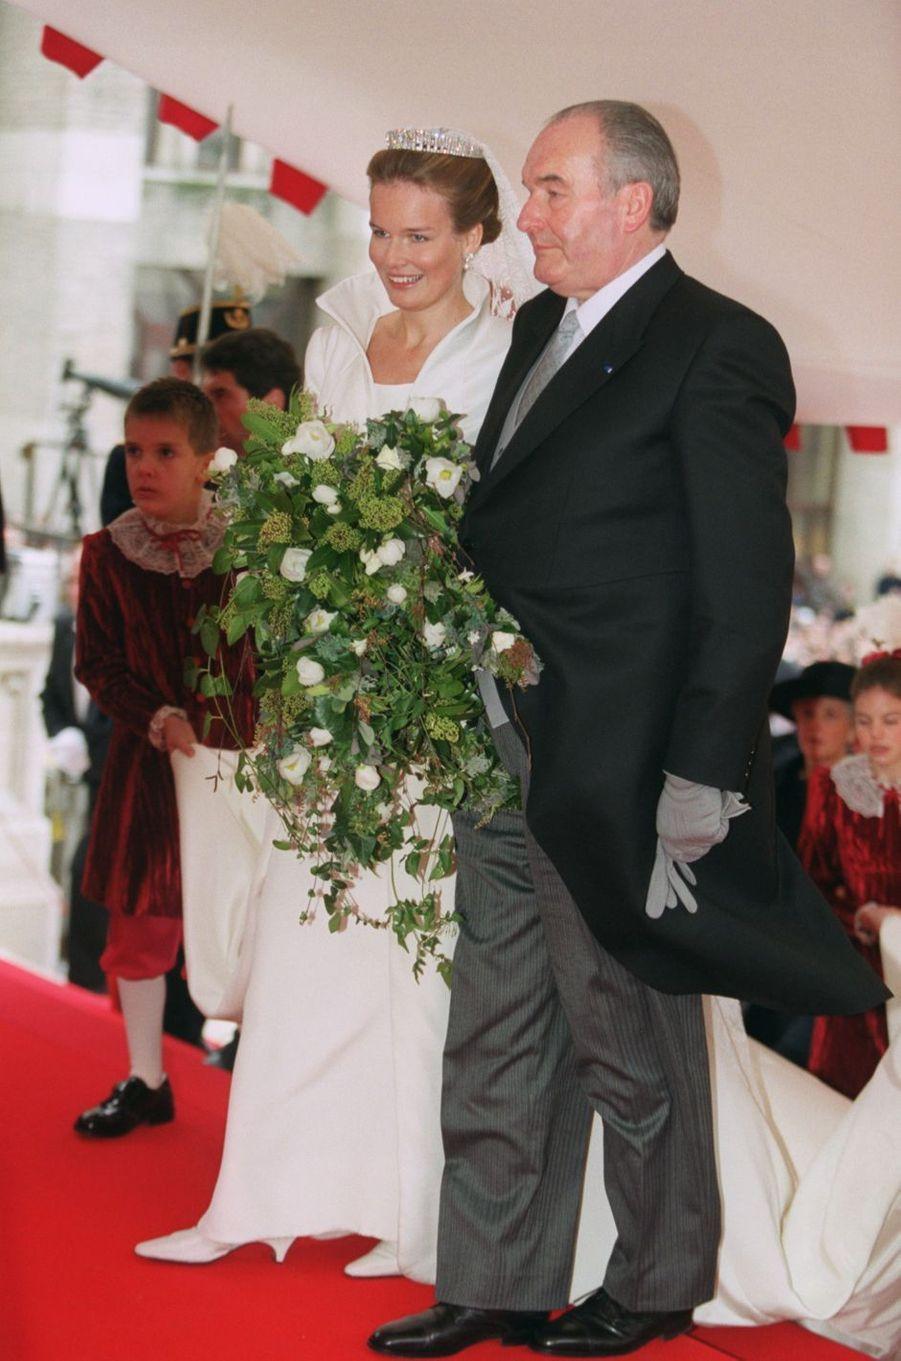 Mathilde d'Udekem d'Acoz, à Bruxelles le 4 décembre 1999, jour de son mariage avec son père